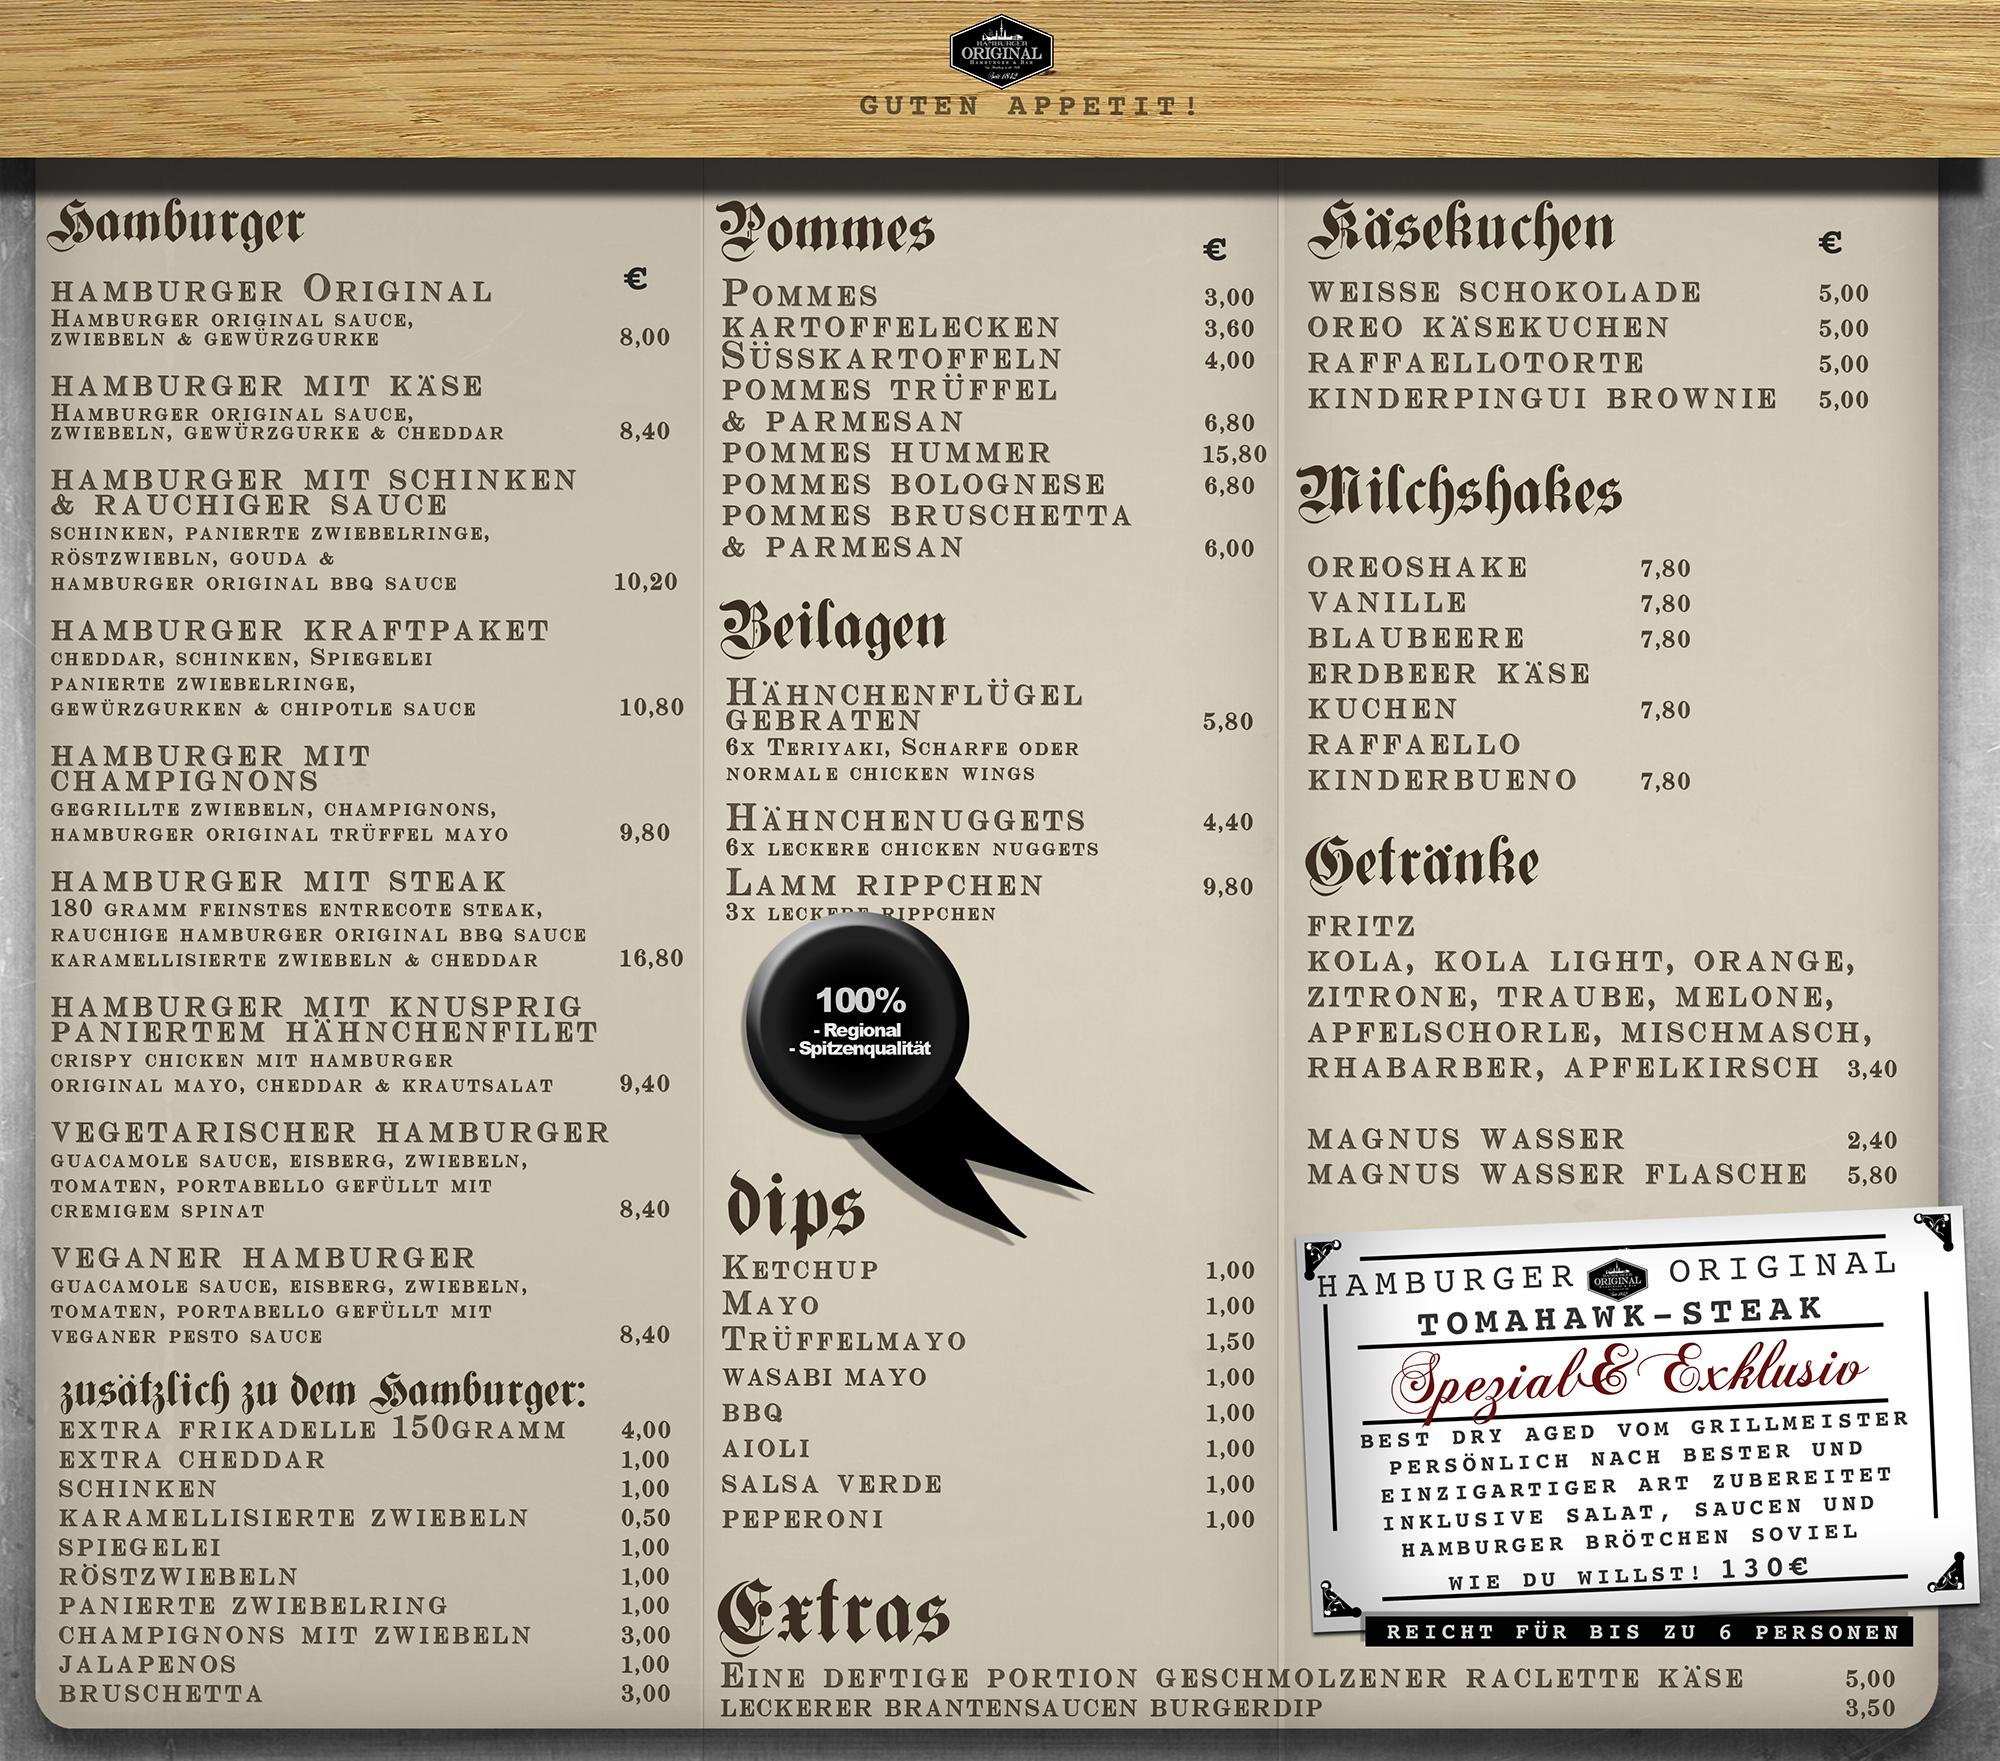 Hamburger Original - Burger und Bar - Norderstedt- Speisekarte - Menü